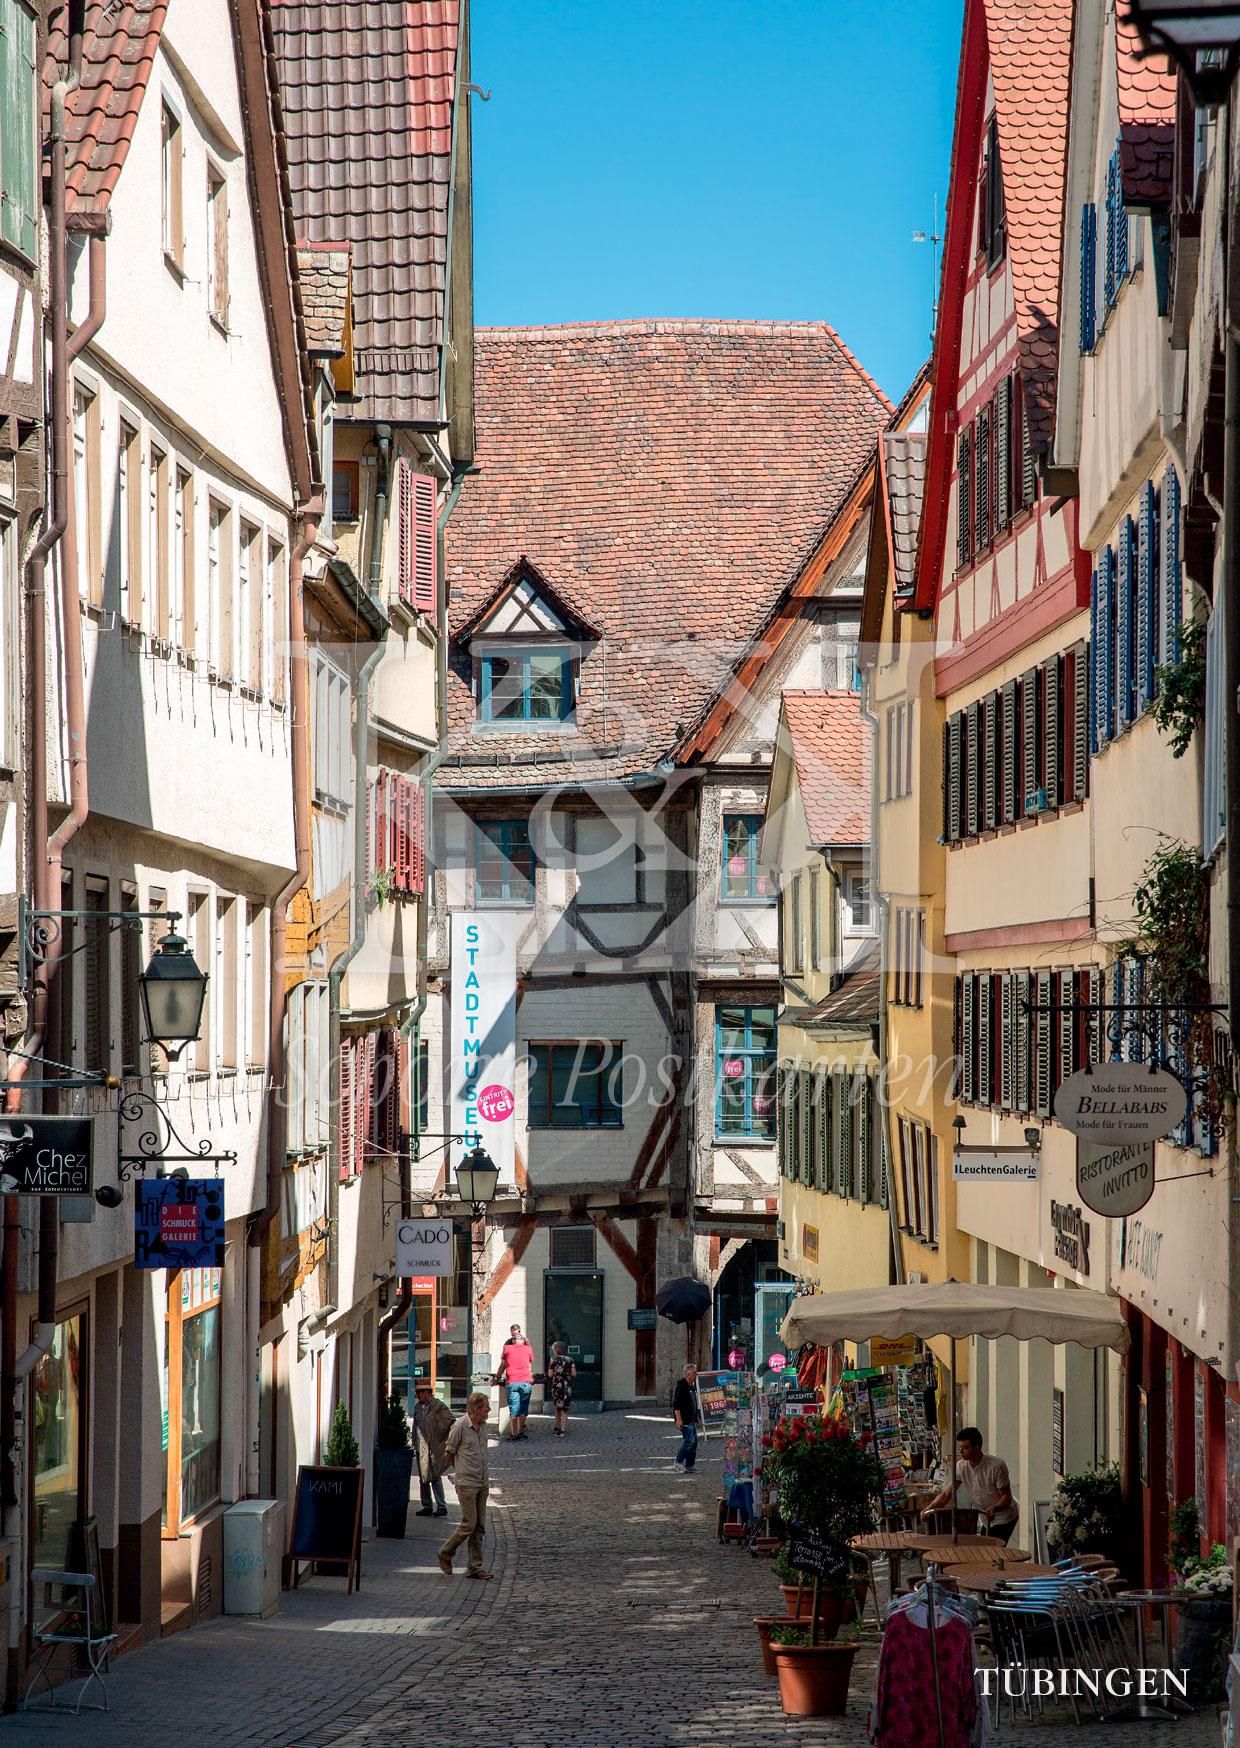 >>> NEU: Schöne Postkarte Nr. 58 · Marktgasse in Tübingen